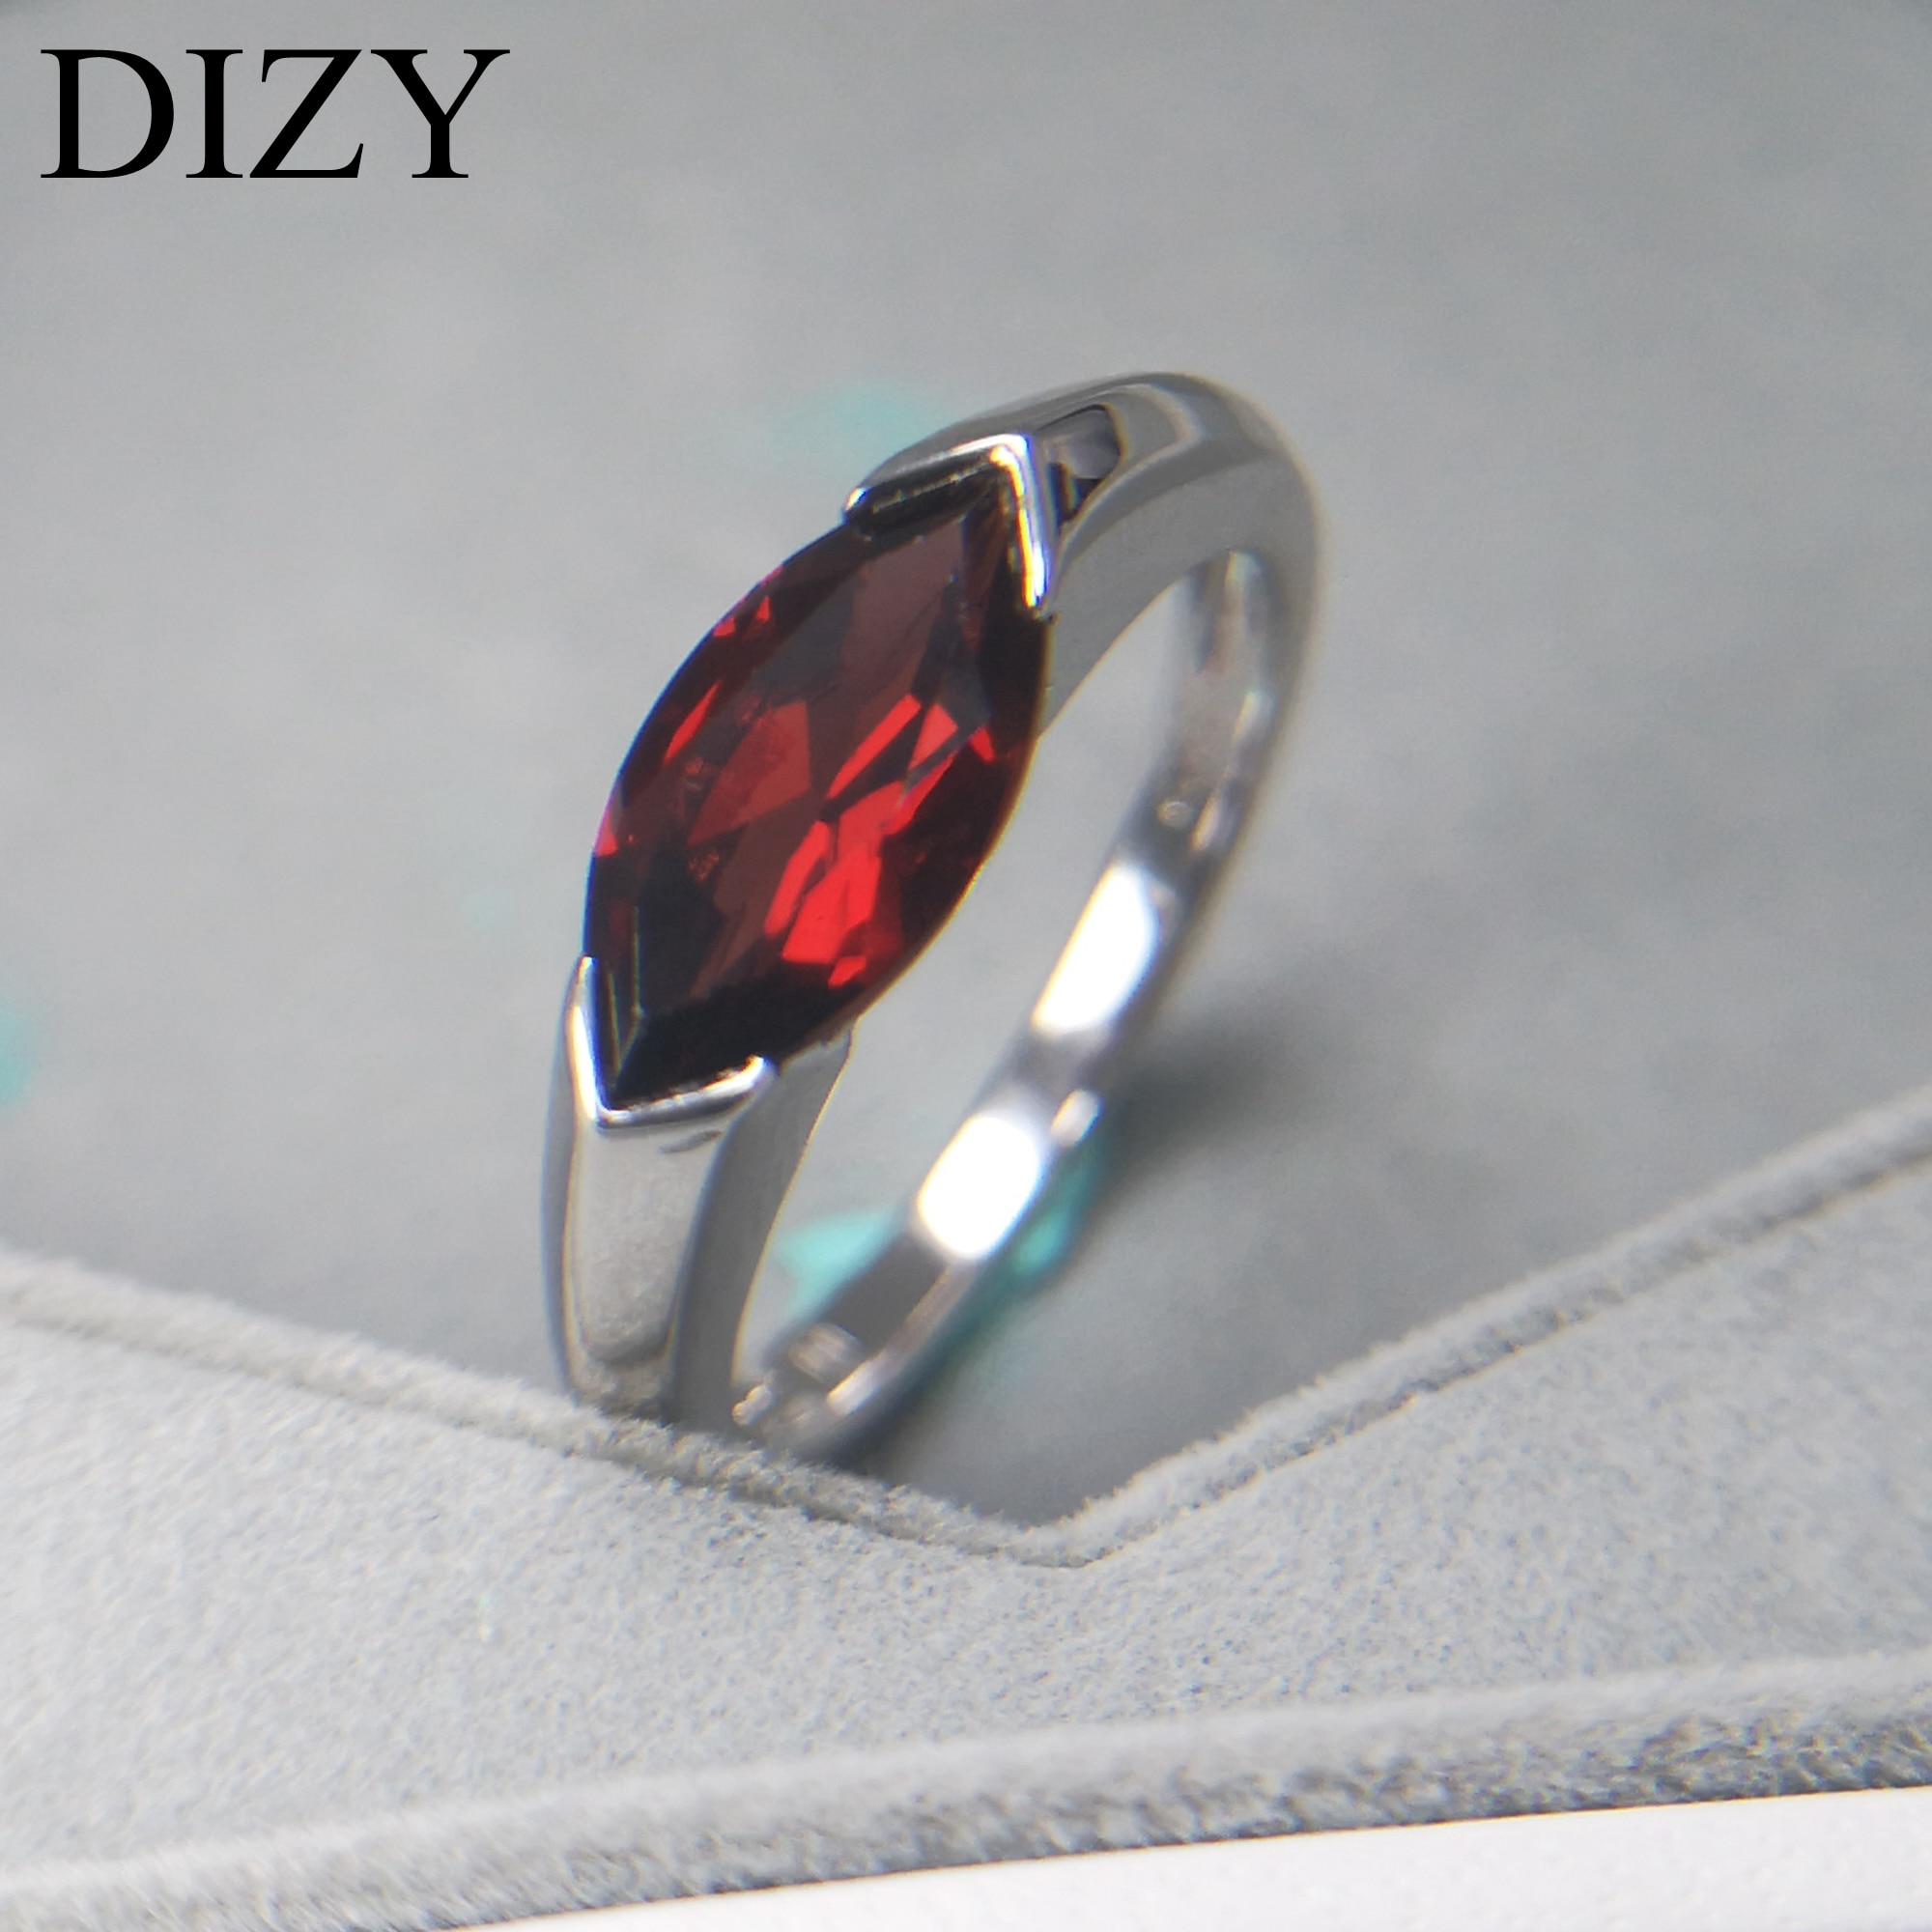 DIZY Marquise 2.0CT naturel grenat anneau 925 en argent Sterling bague en pierres précieuses pour les femmes cadeau de mariage bijoux de fiançailles